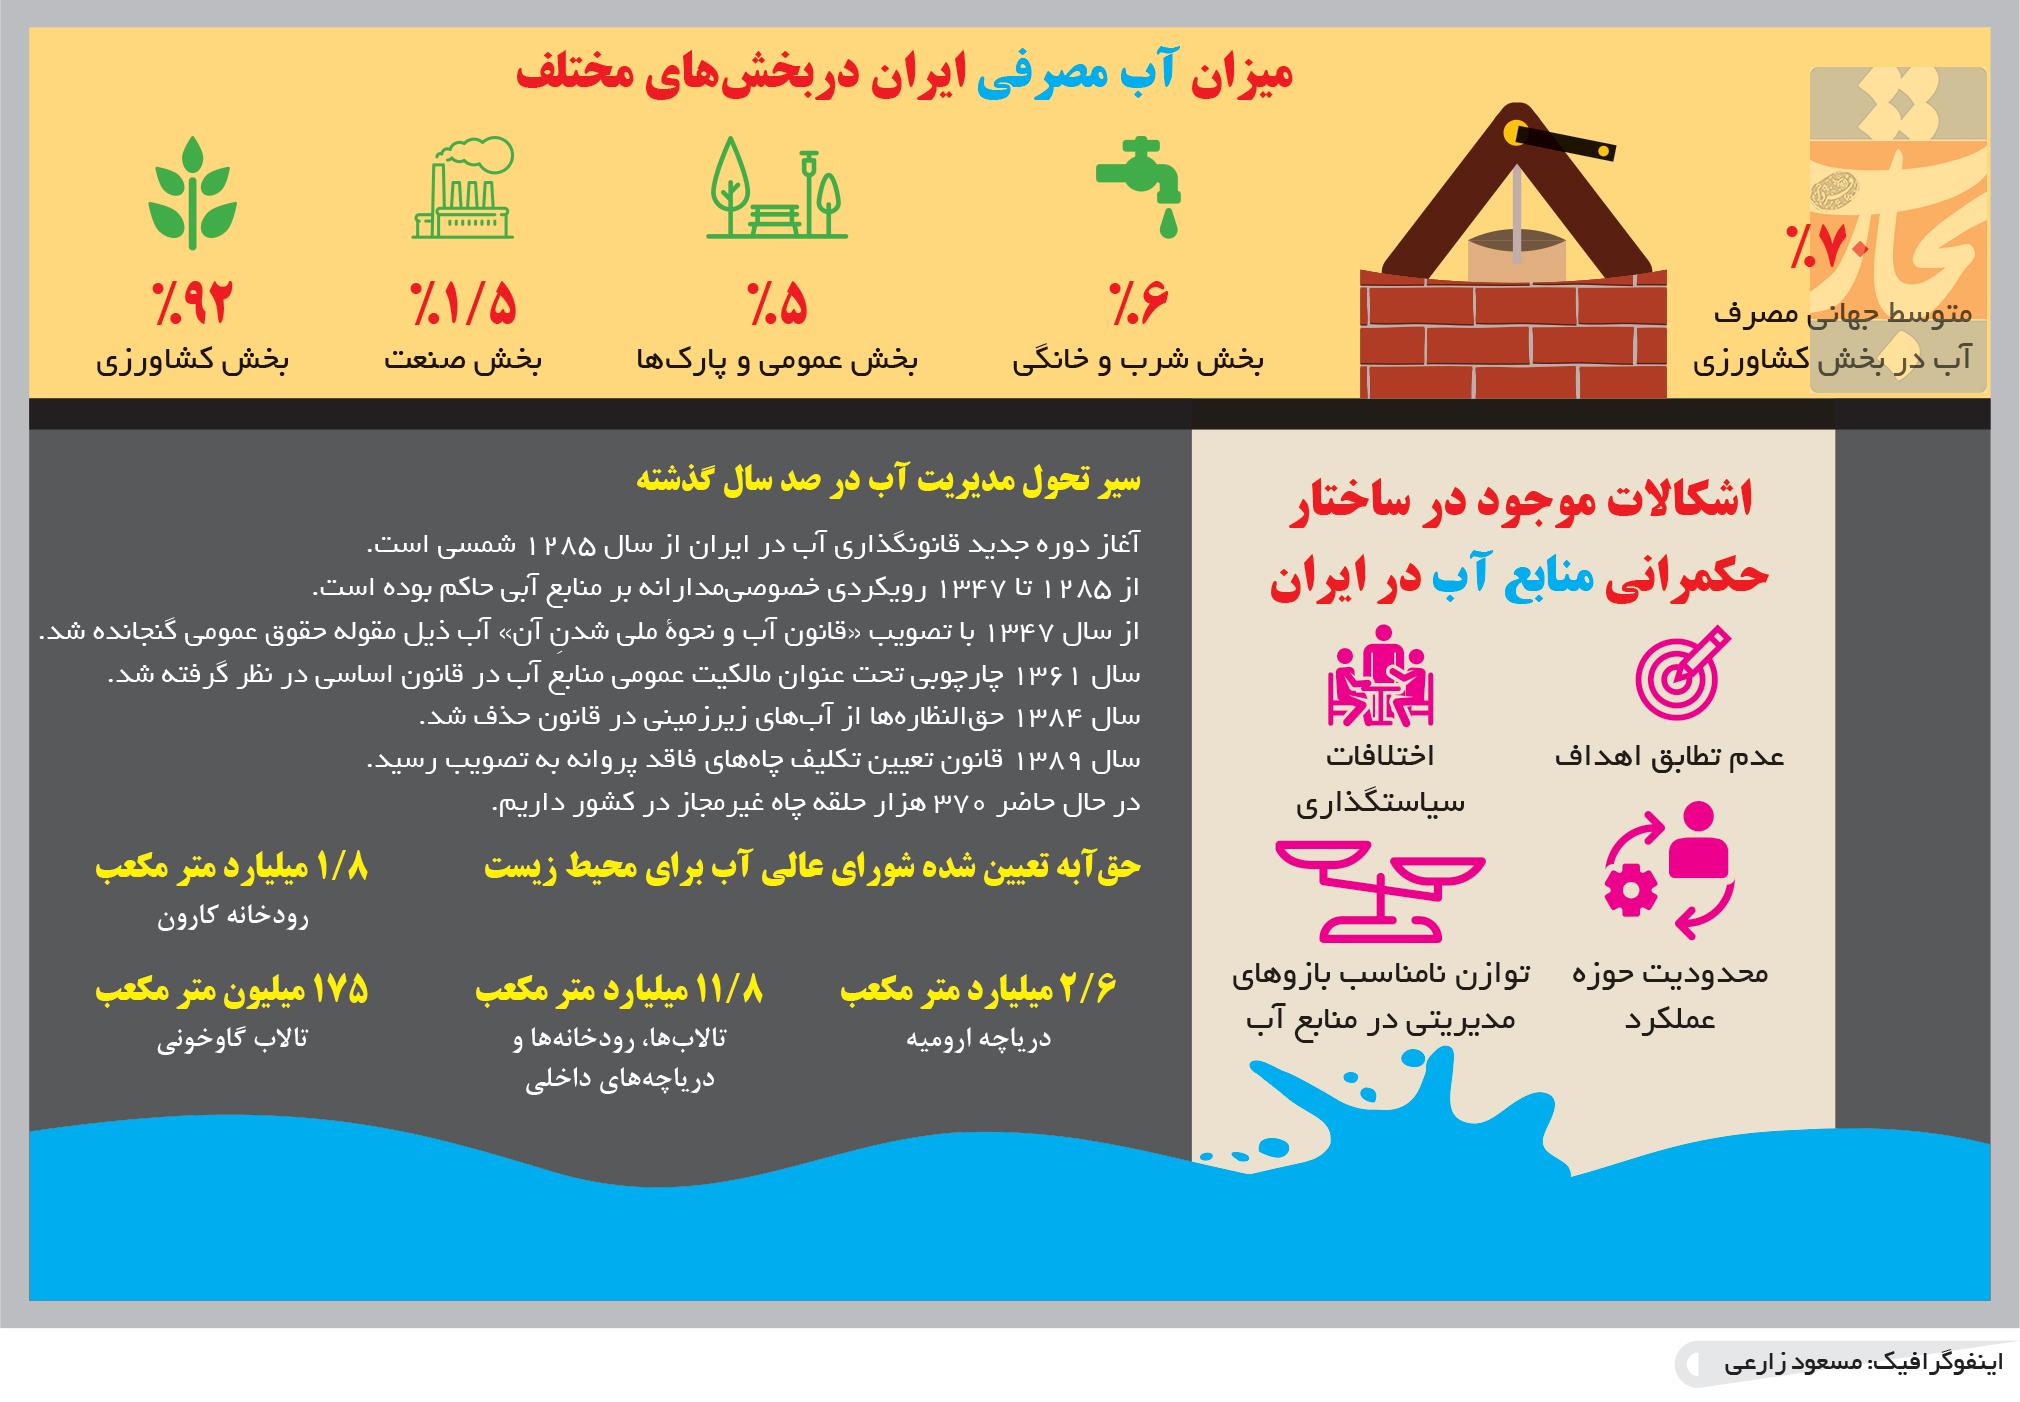 تجارت فردا- اینفوگرافیک- میزان آب مصرفی ایران دربخشهای مختلف